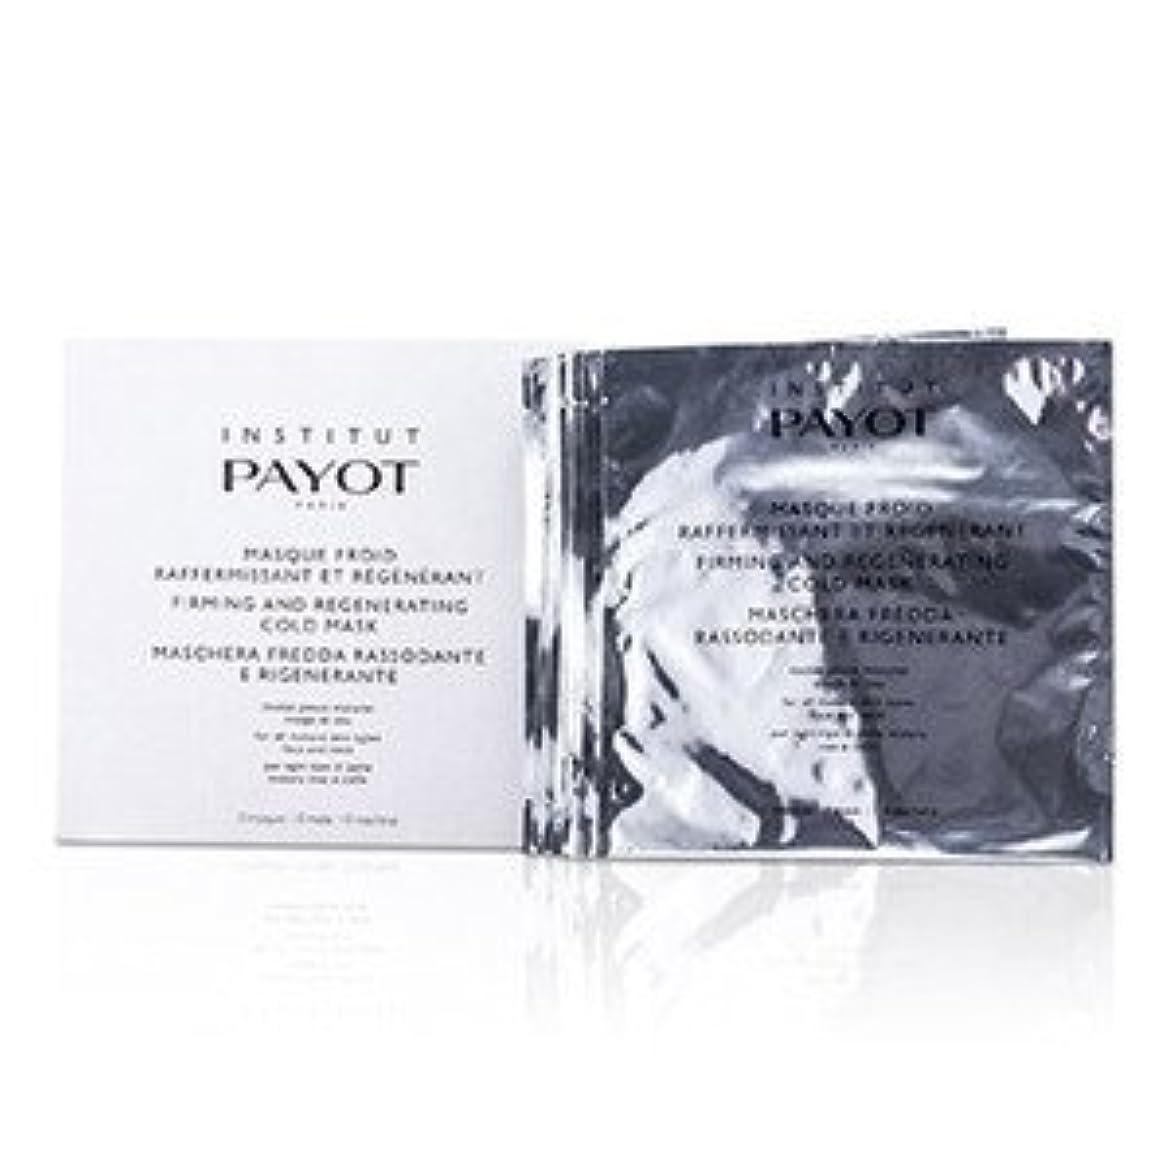 過剰プレゼン速記Payot ファーミング&リジェネレーティング コールド マスク 10枚入り [並行輸入品]